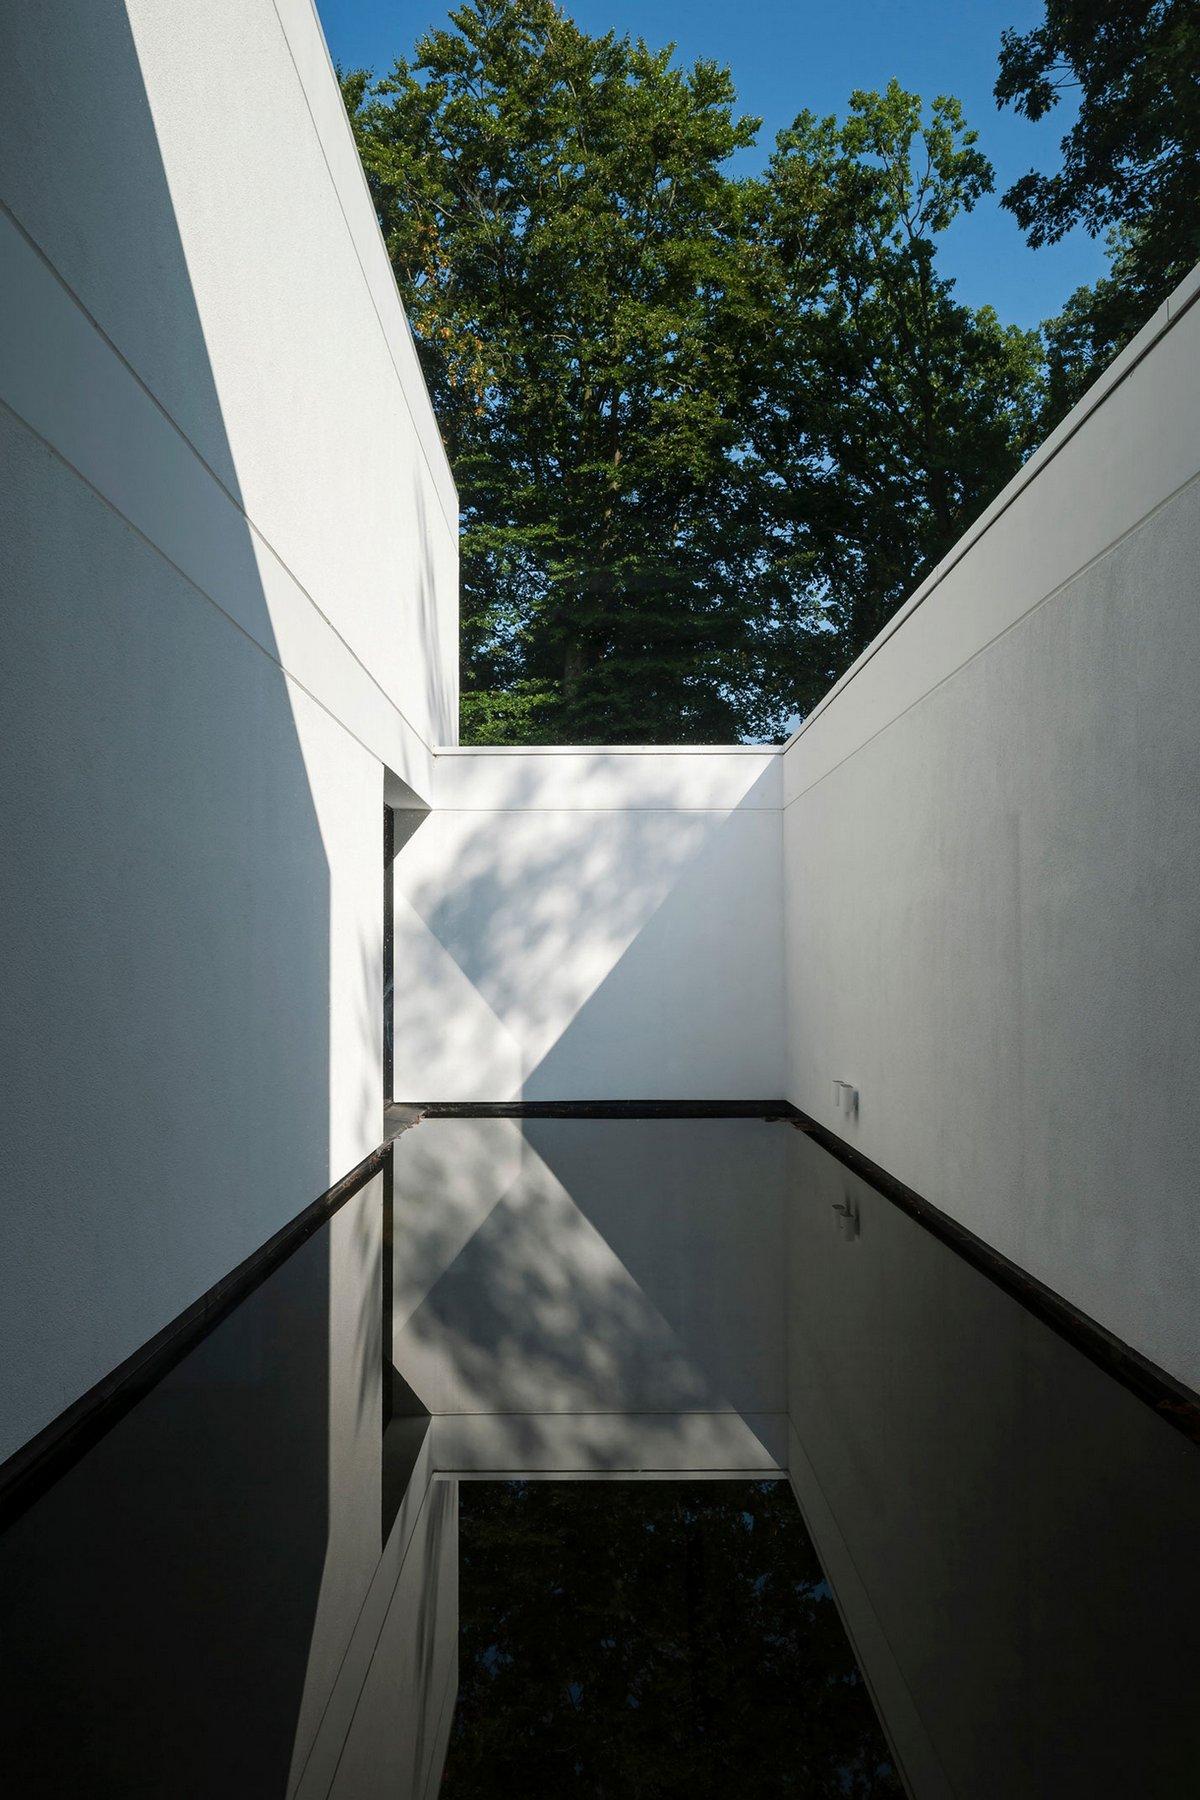 Cubyc architects, Залечь на дно в Брюгге, красивые дома мира, обзор частного дома, дома в Бельгии, дома в Брюгге, белый интерьер фото, минимализм